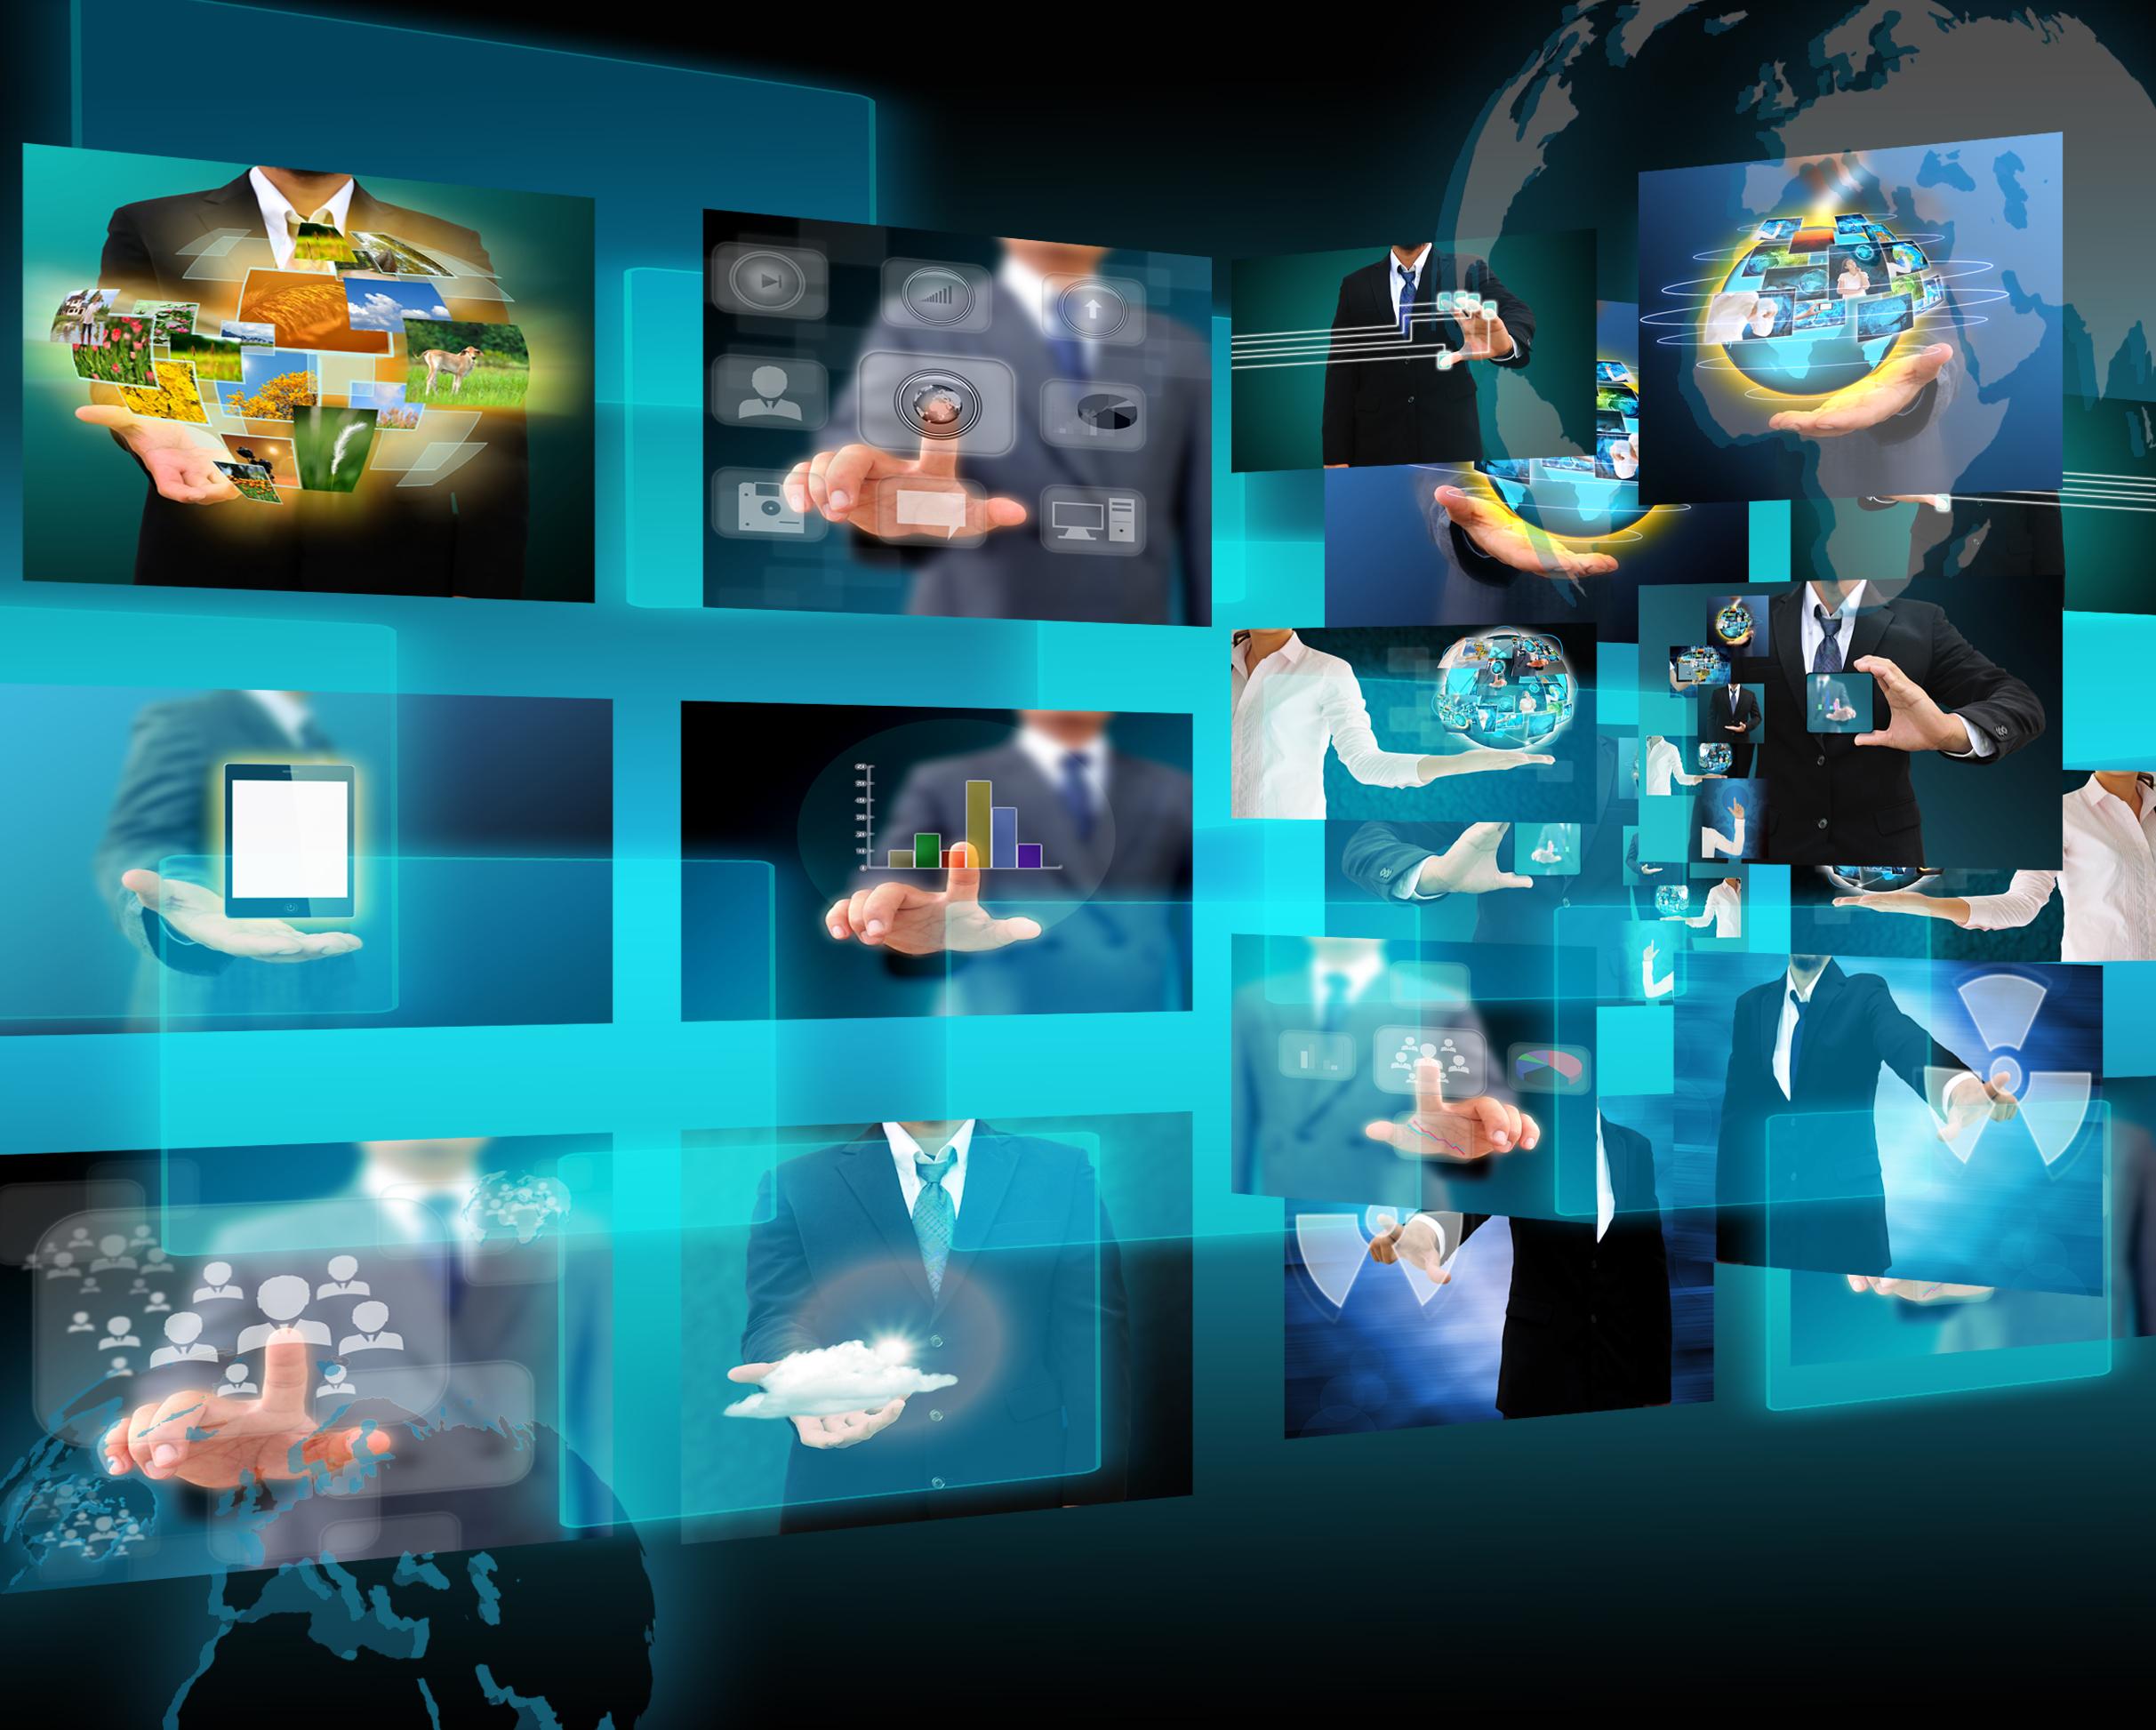 Richard Vanderhurst - Superior Tips On Boosting Your Video Marketing Efforts